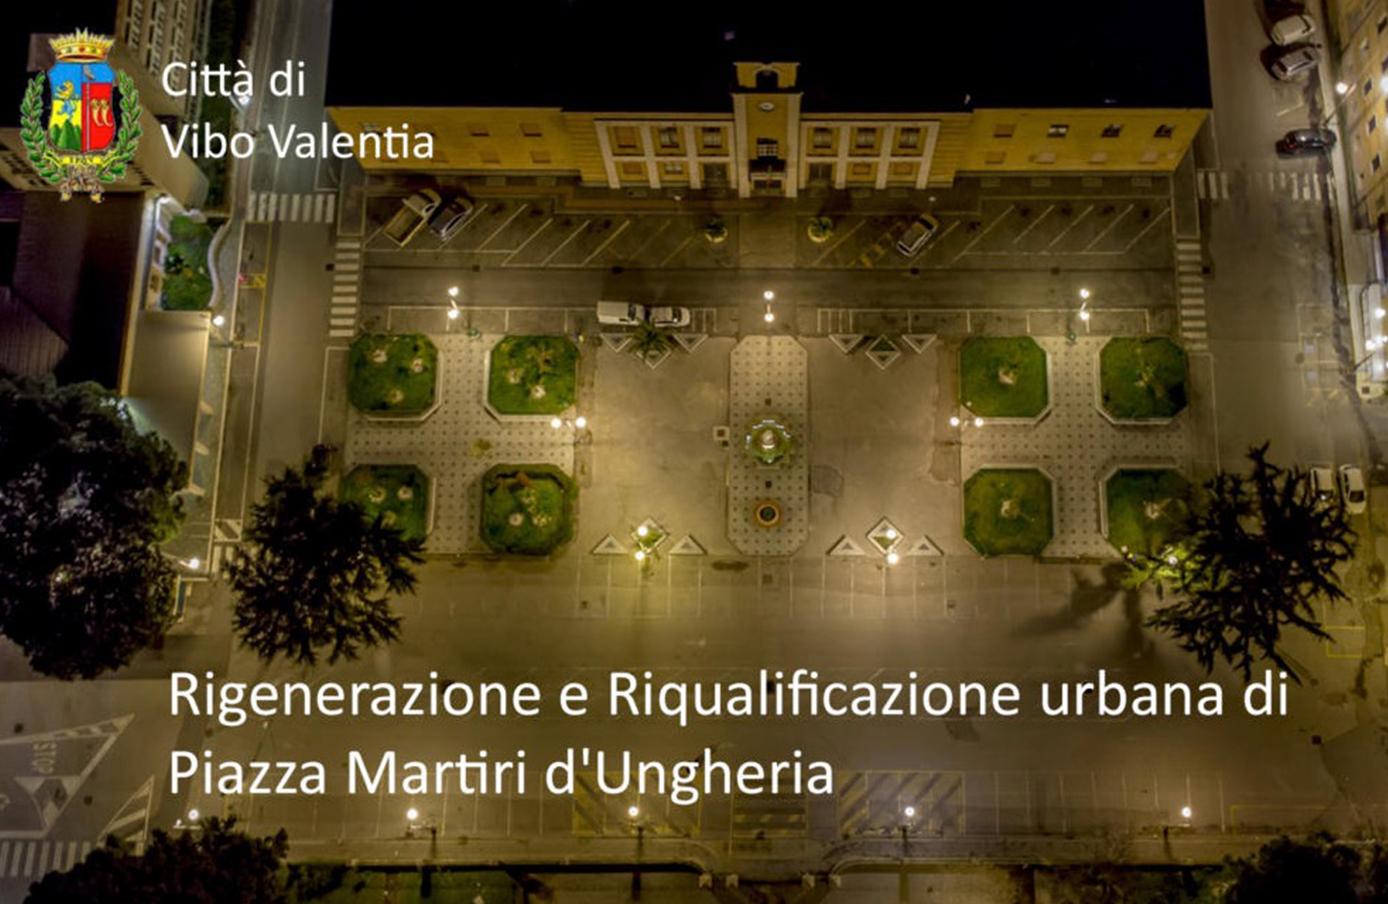 PIAZZA MARTIRI D'UNGHERIA: UN NUOVO URBAN LANDSCAPE PER VIBO VALENTIA